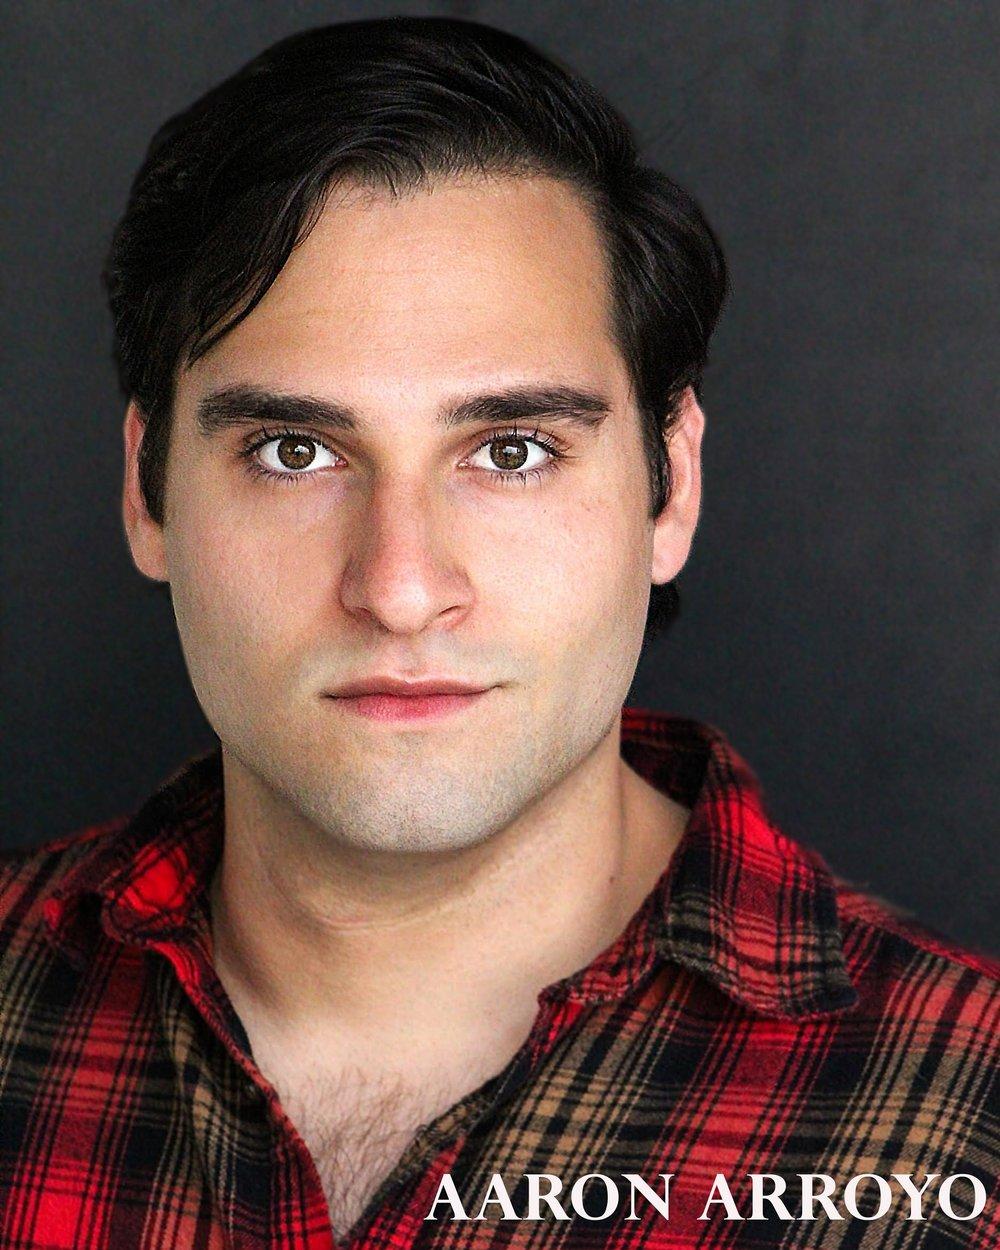 Aaron Arroyo